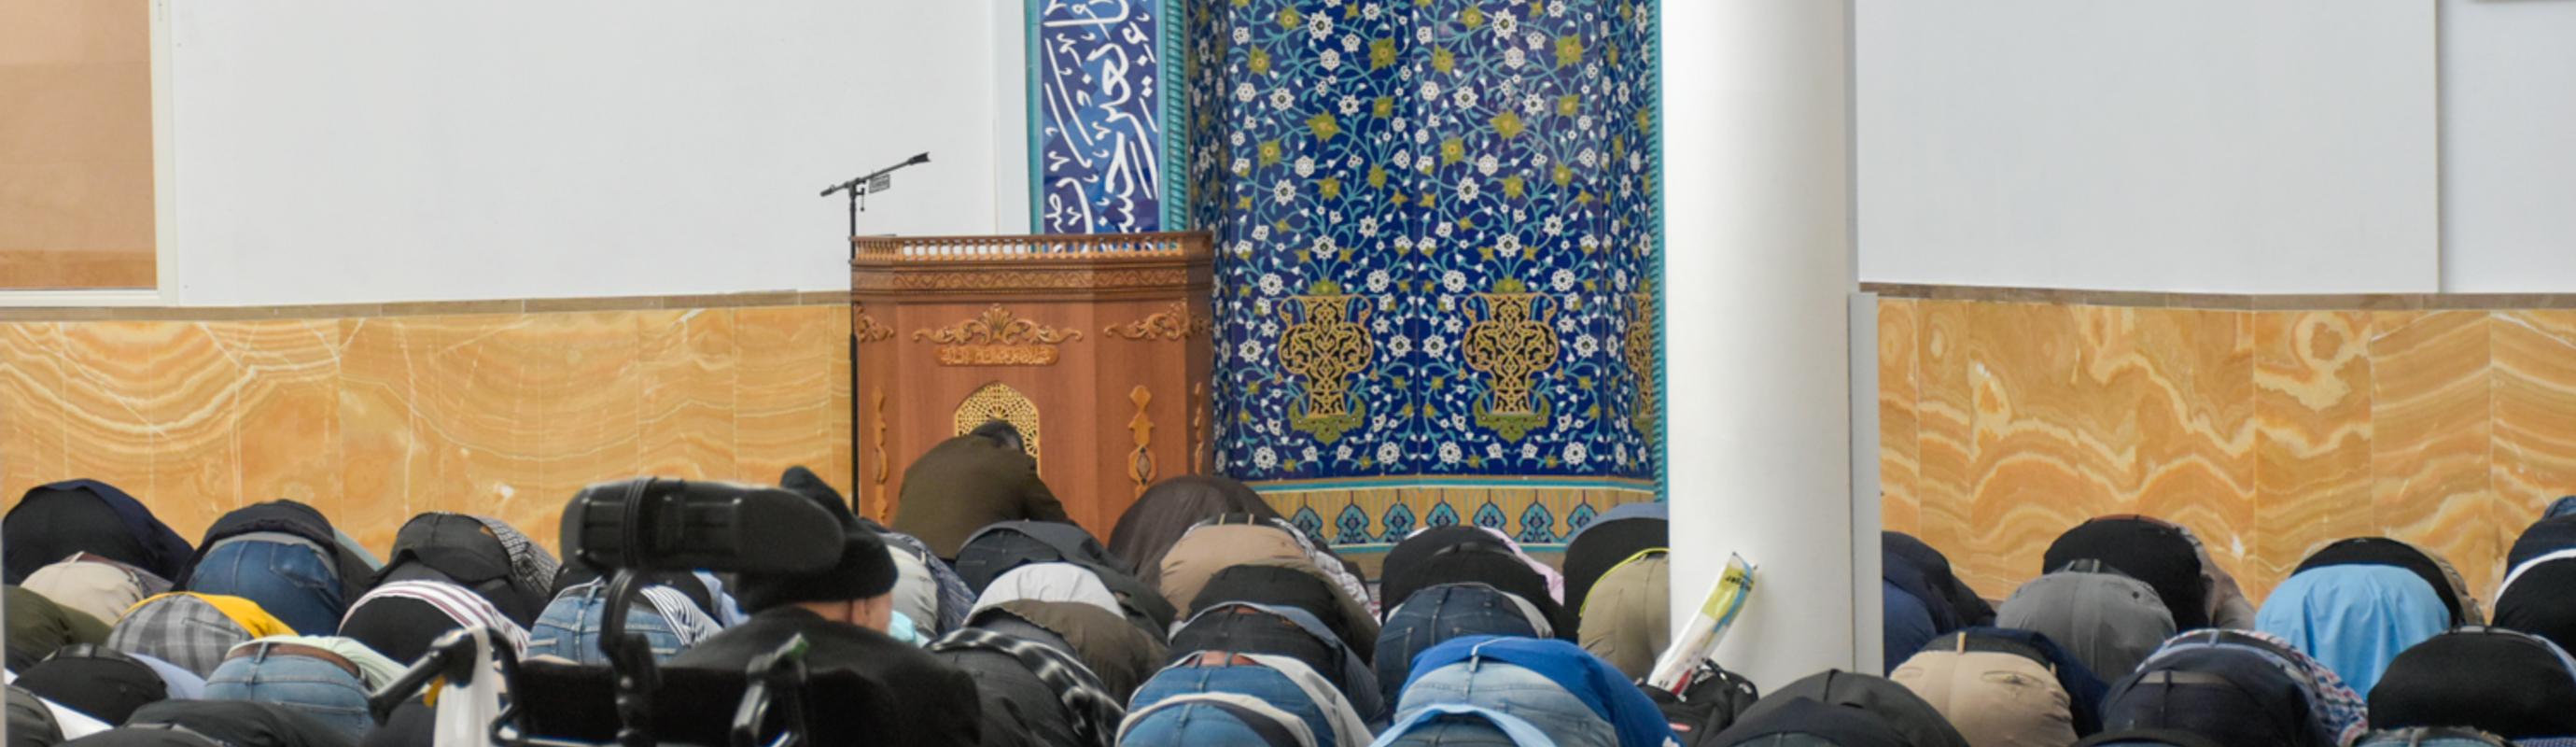 Luister hier naar opname van Maghrib en Isha namaz - salat..het gebeld wordt geleidt door Seyedzyaoddin Salehi Khansari.